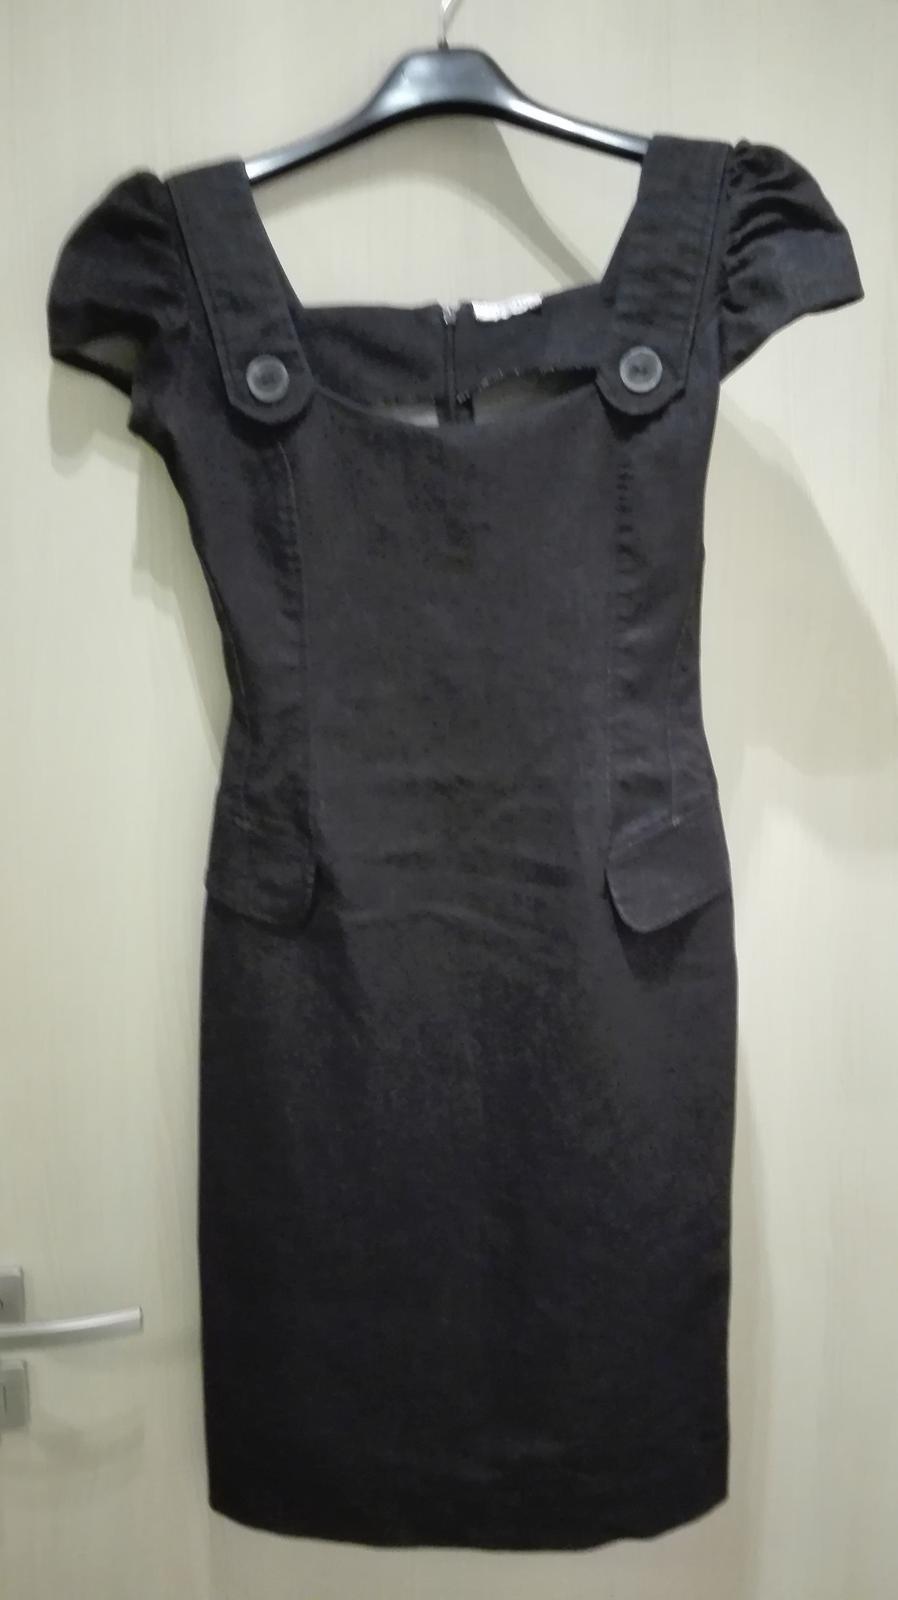 9ae7fdcfb075 Dámské riflové šaty